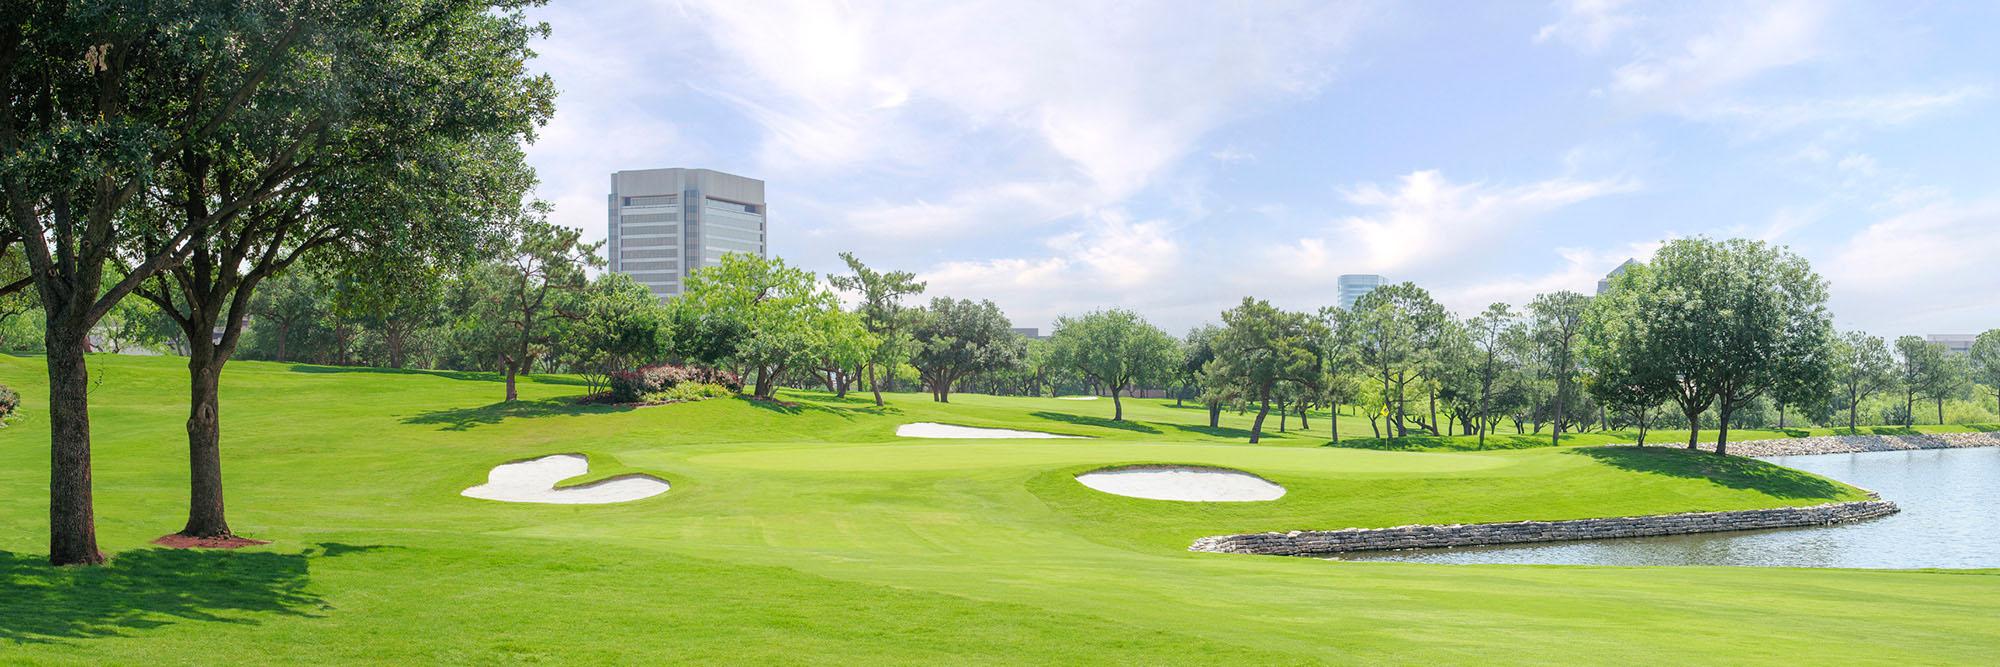 Golf Course Image - Las Colinas No. 18